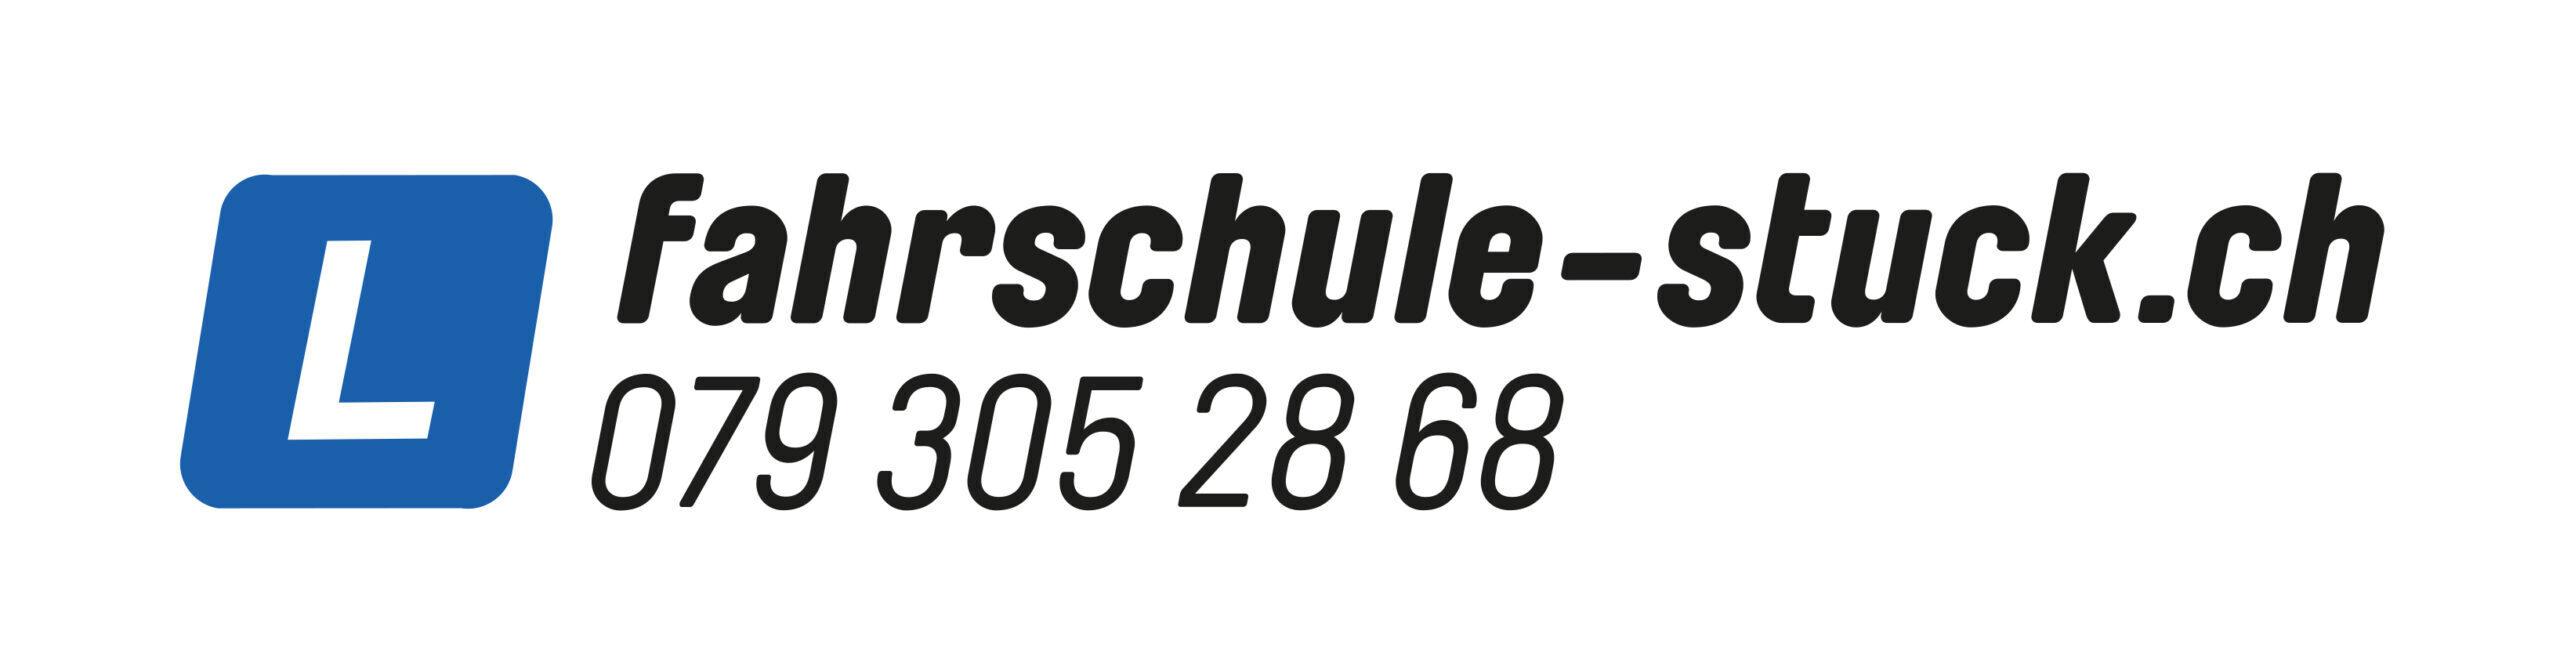 Logo Fahrschule-Stuck | Fahrschule-Stuck - Schnell zu Autoprüfung